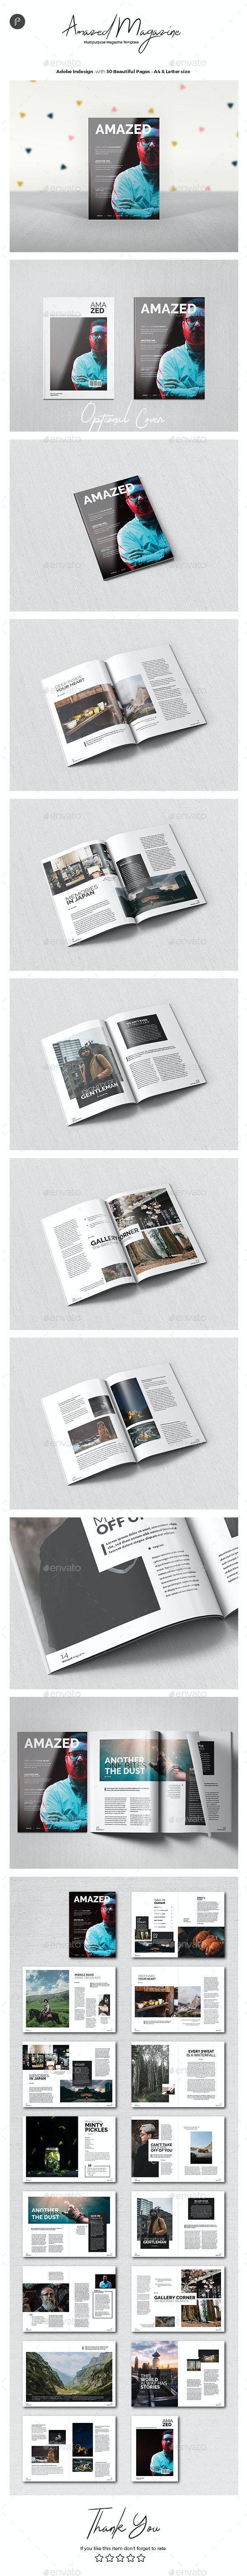 Multipurpose Magazine Vol.7 - Magazines Print Templates